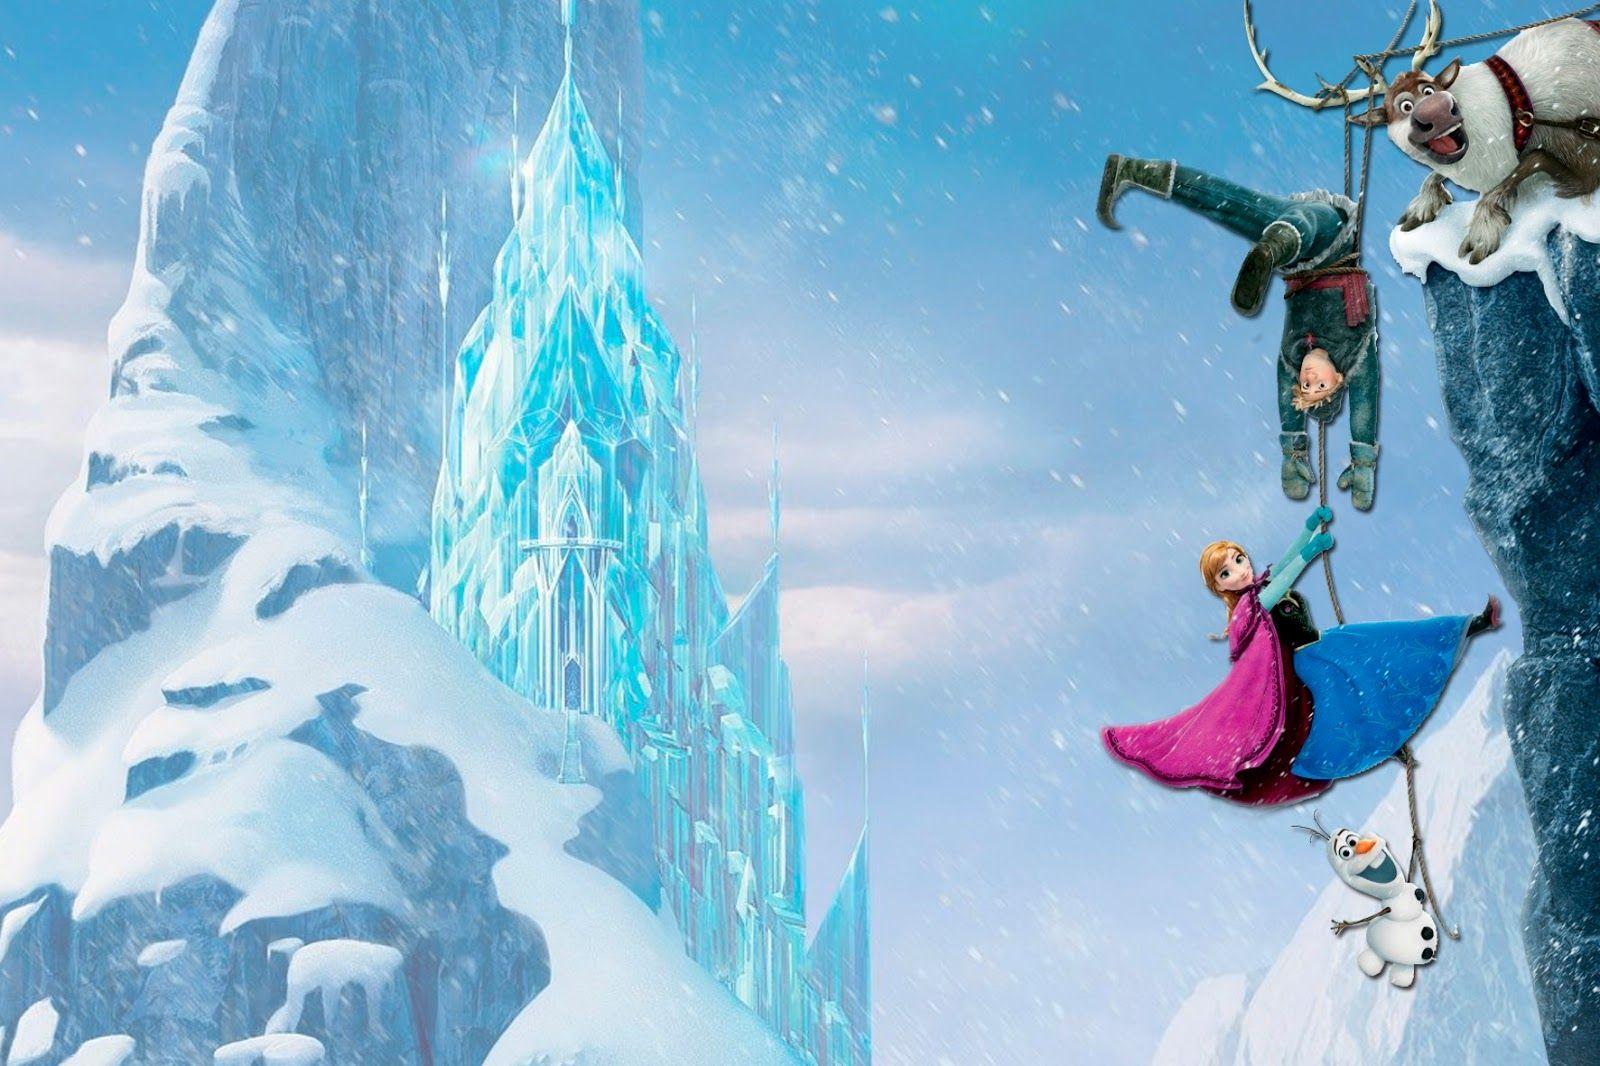 Imagens Frozen Uma Aventura Congelante Minimalist montando a minha festa: frozen - uma aventura congelante | frozen